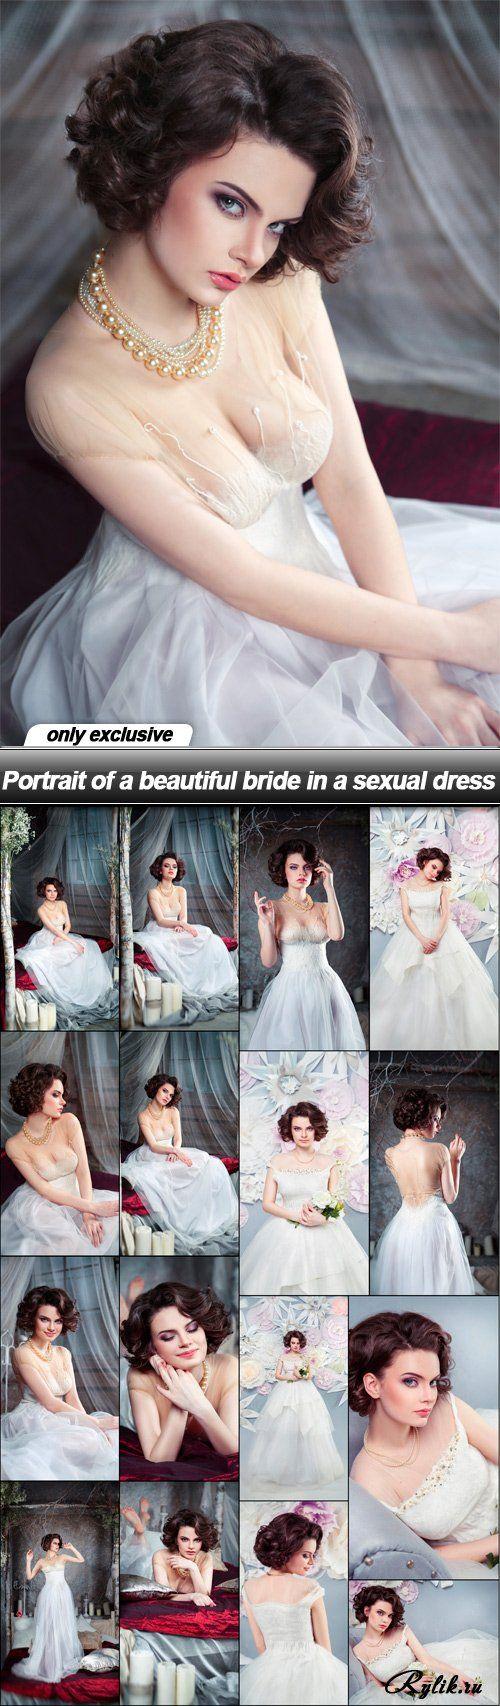 Красивая невеста в сексуальном платье фотоклипарт